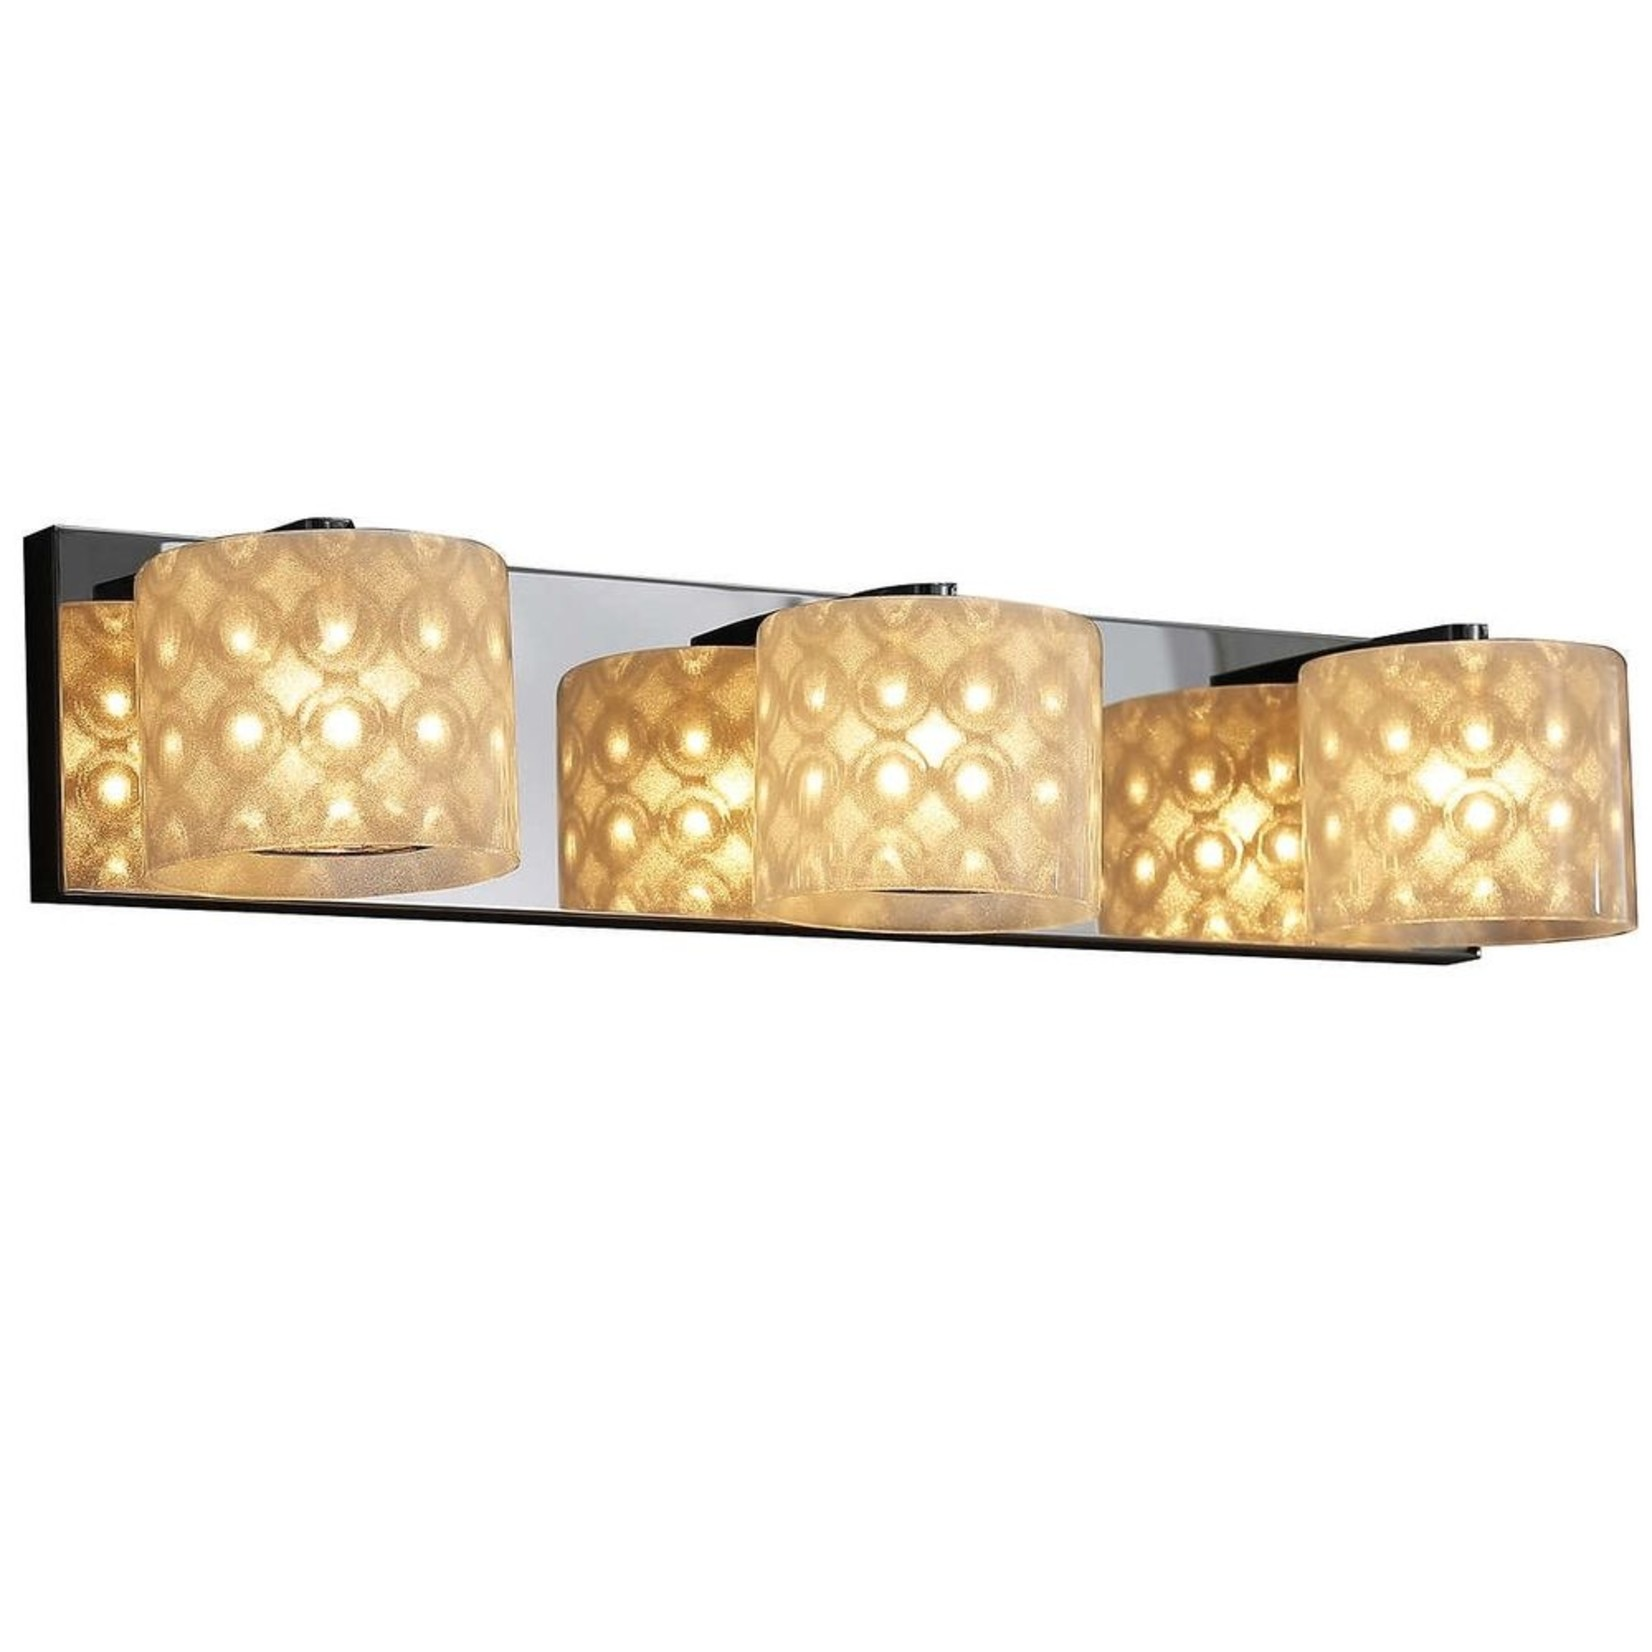 Luminaire Alston III